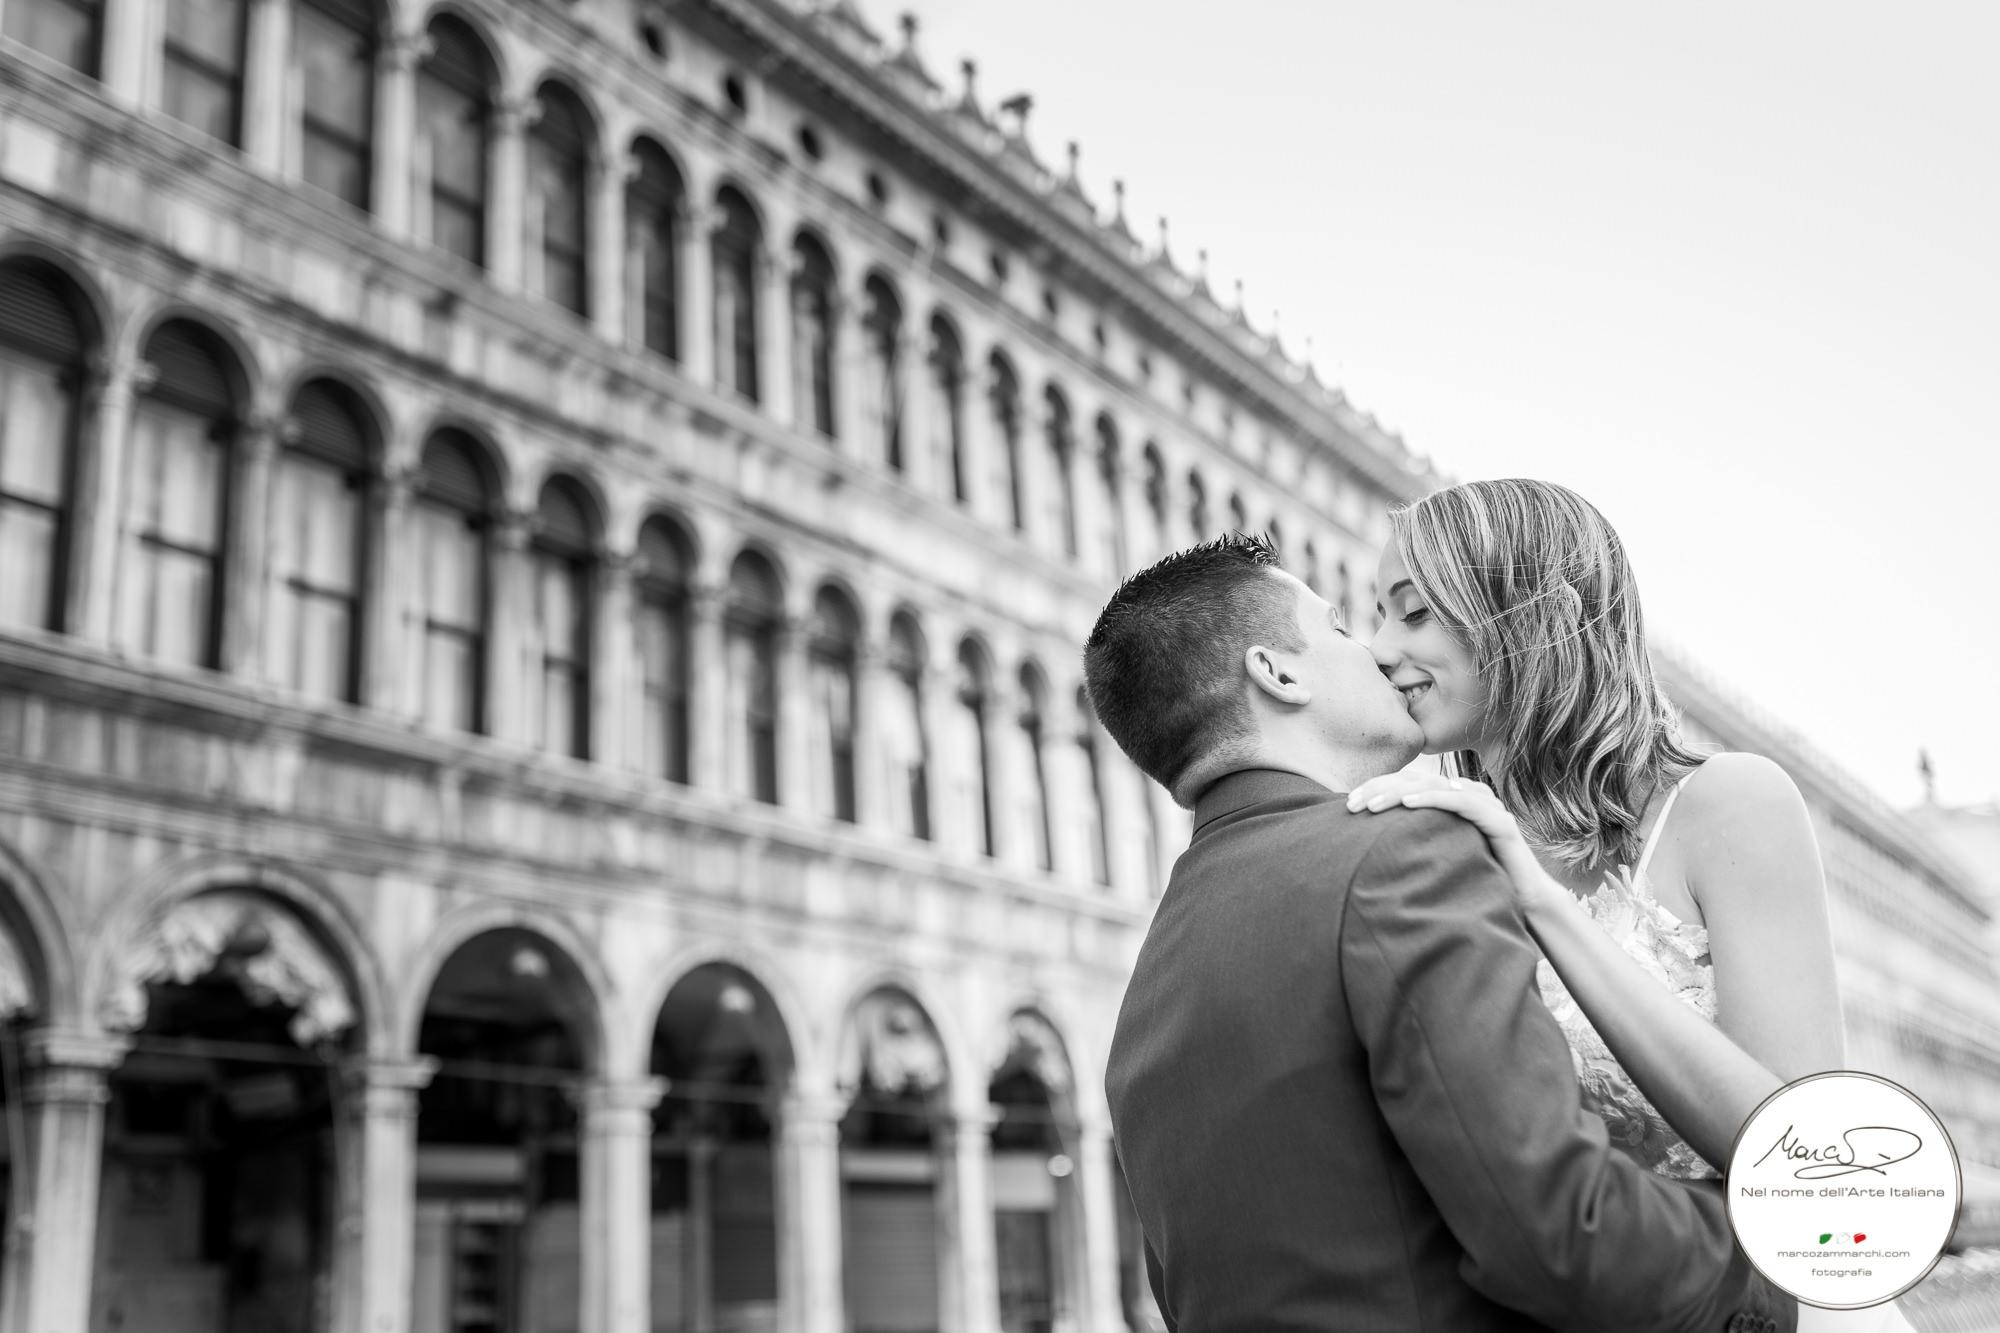 Ensaio fotográfico pré wedding em Veneza